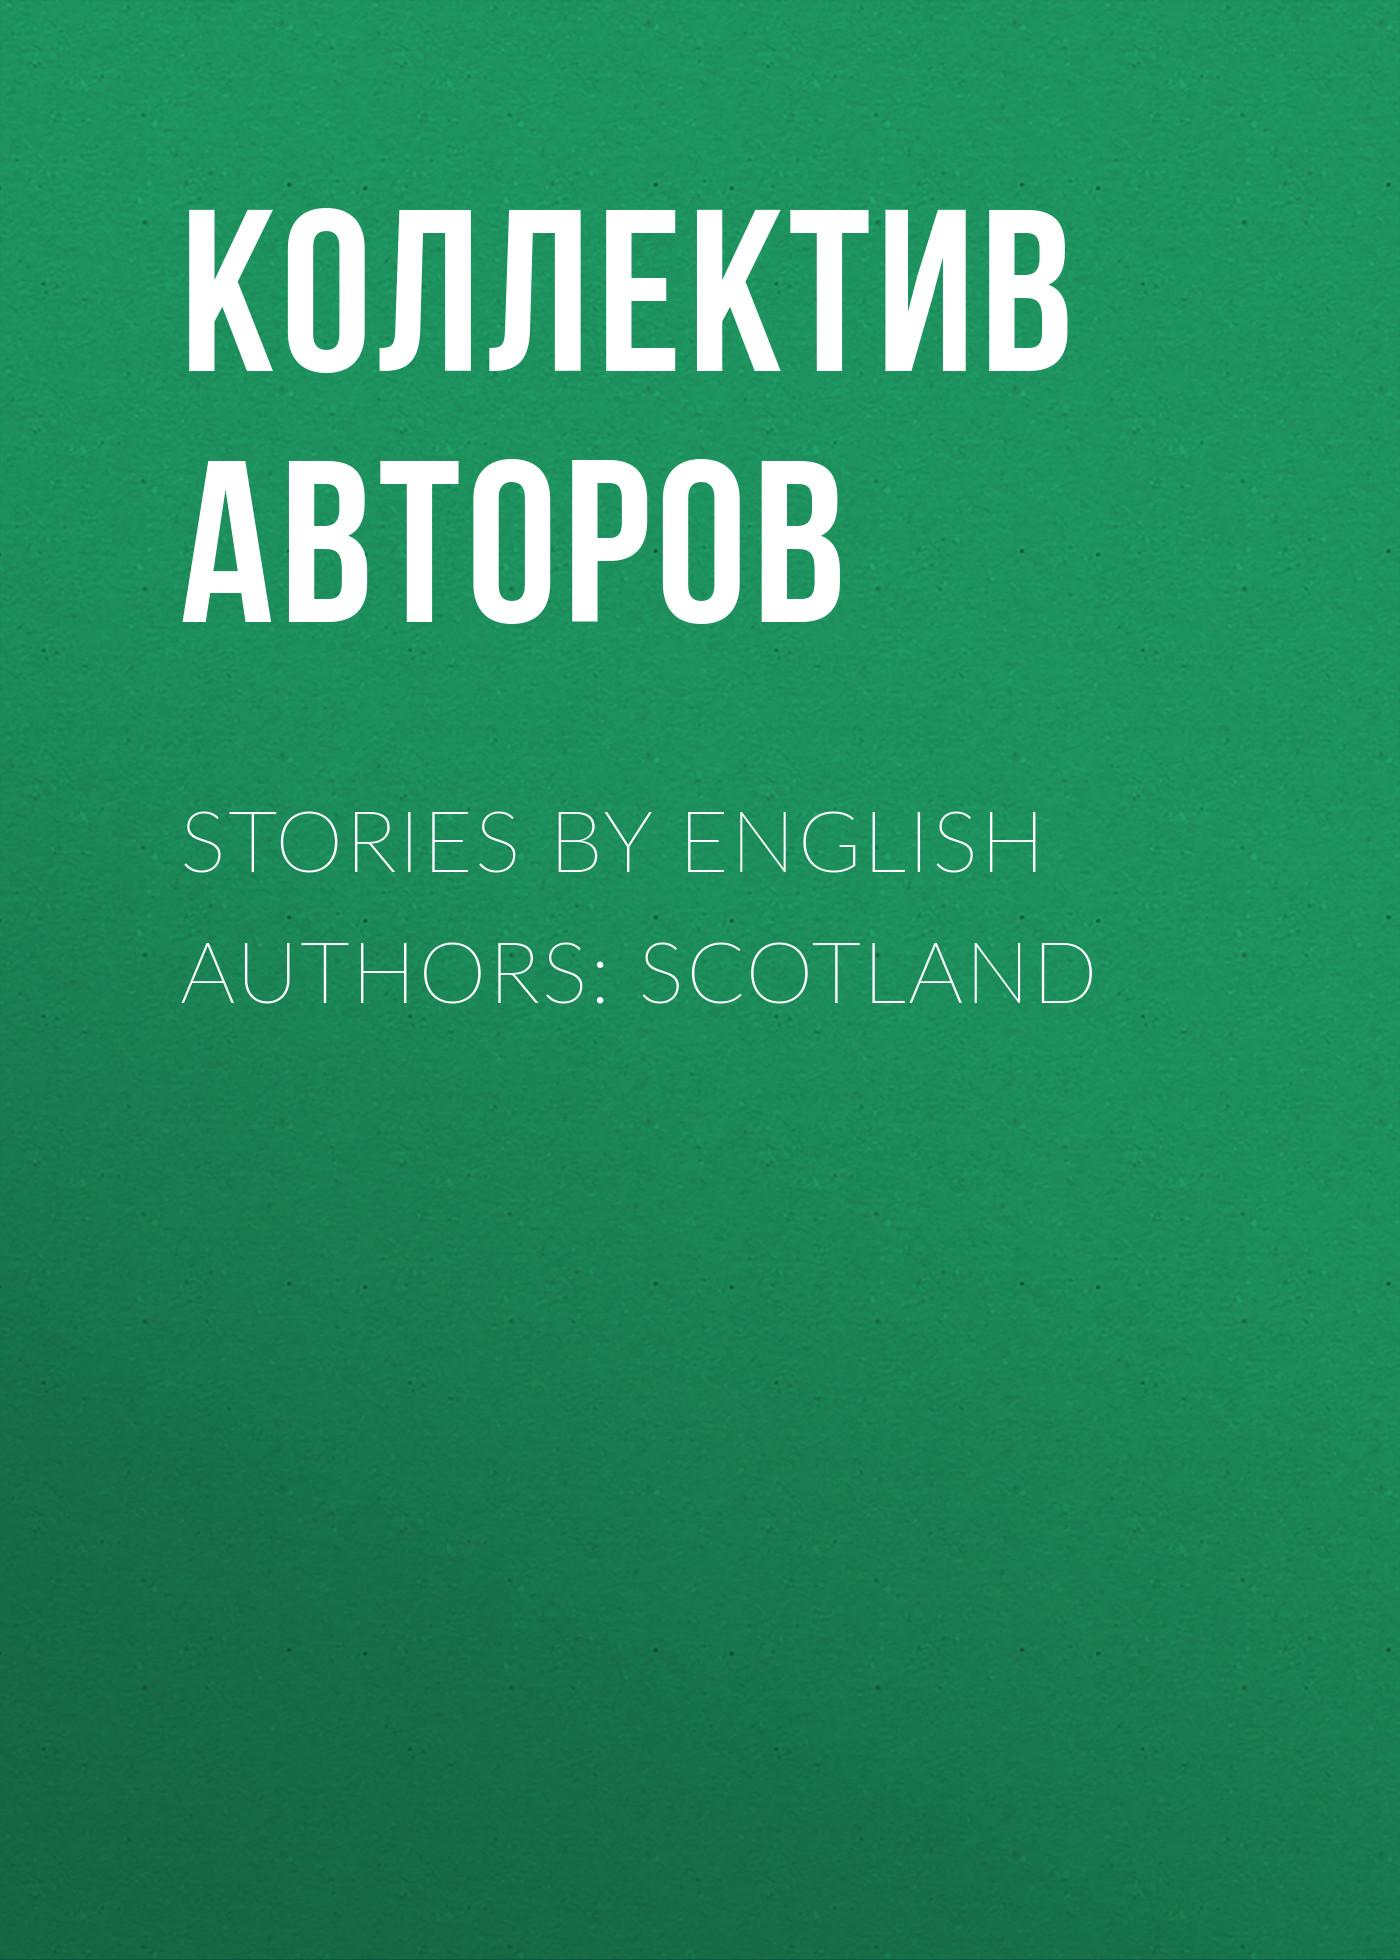 Коллектив авторов Stories by English Authors: Scotland коллектив авторов english love stories